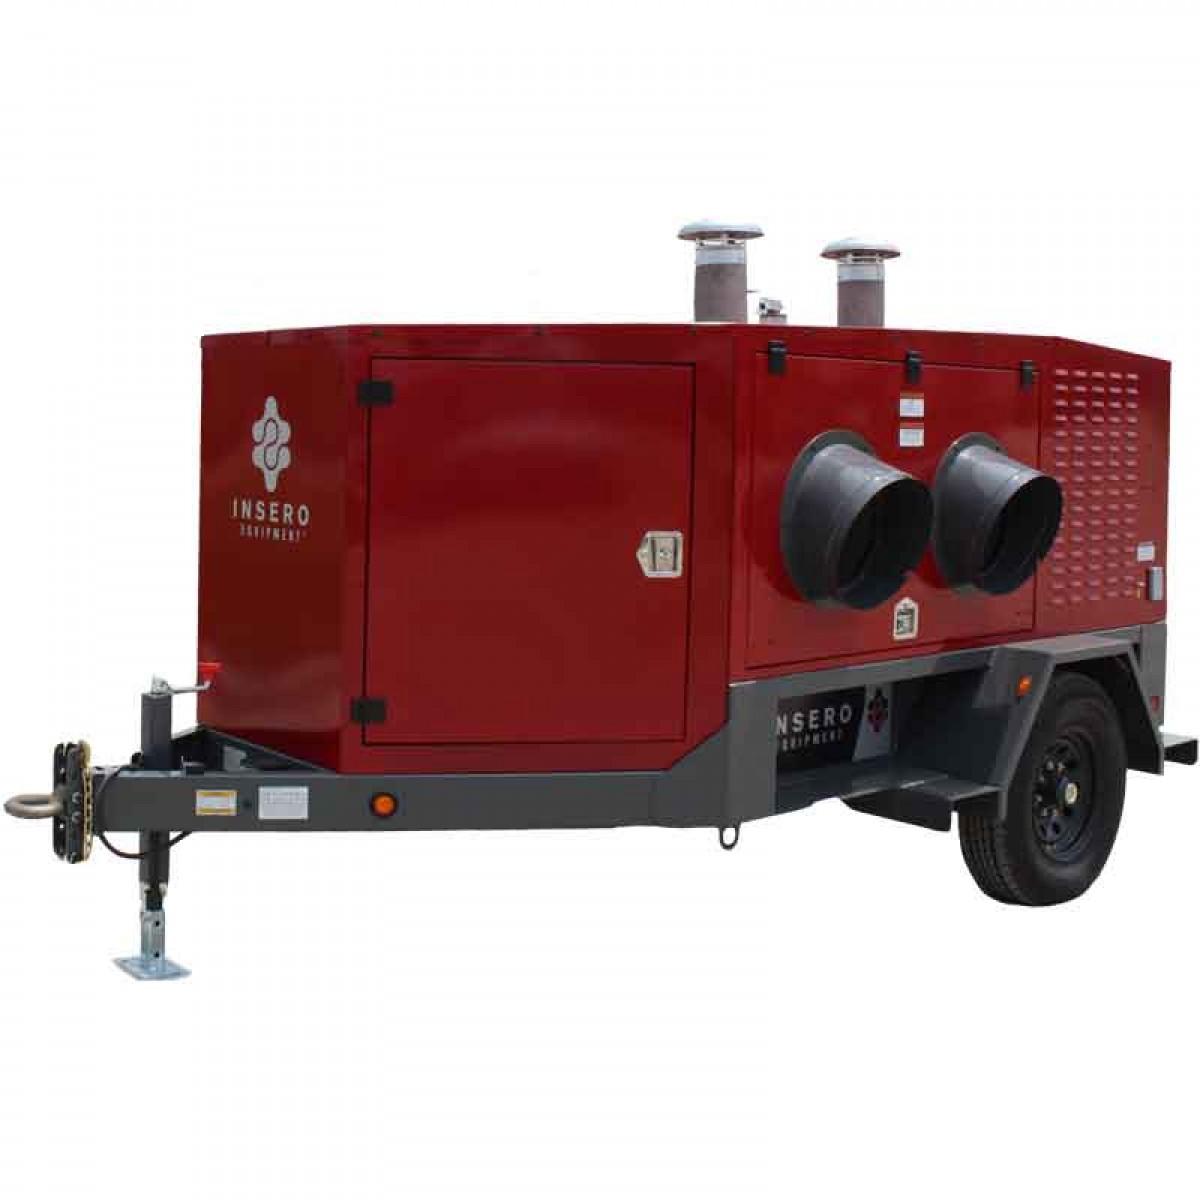 Insero 1 000 000 Btu Diesel Indirect Fired Heater Ht1010